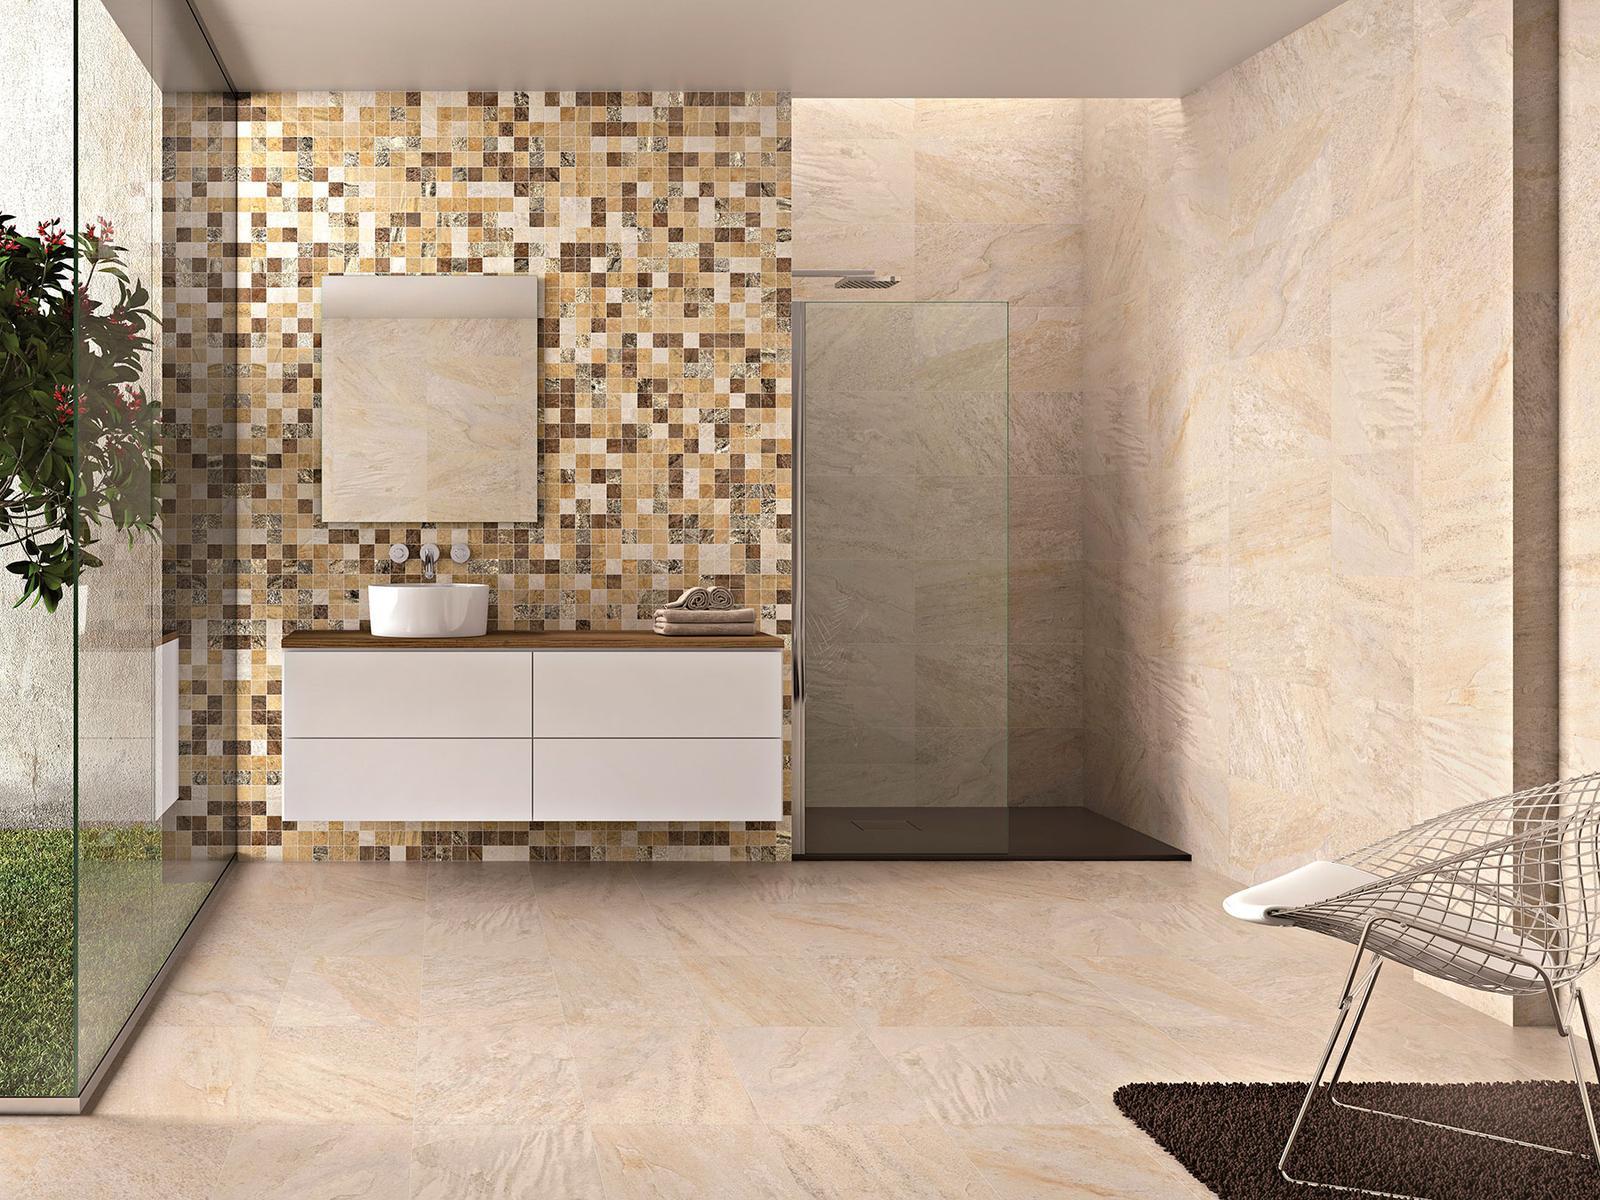 Luxusné kúpelne zo Španielska - dizajnová kúpeľňa Dolmen Sand 49,1x98,2